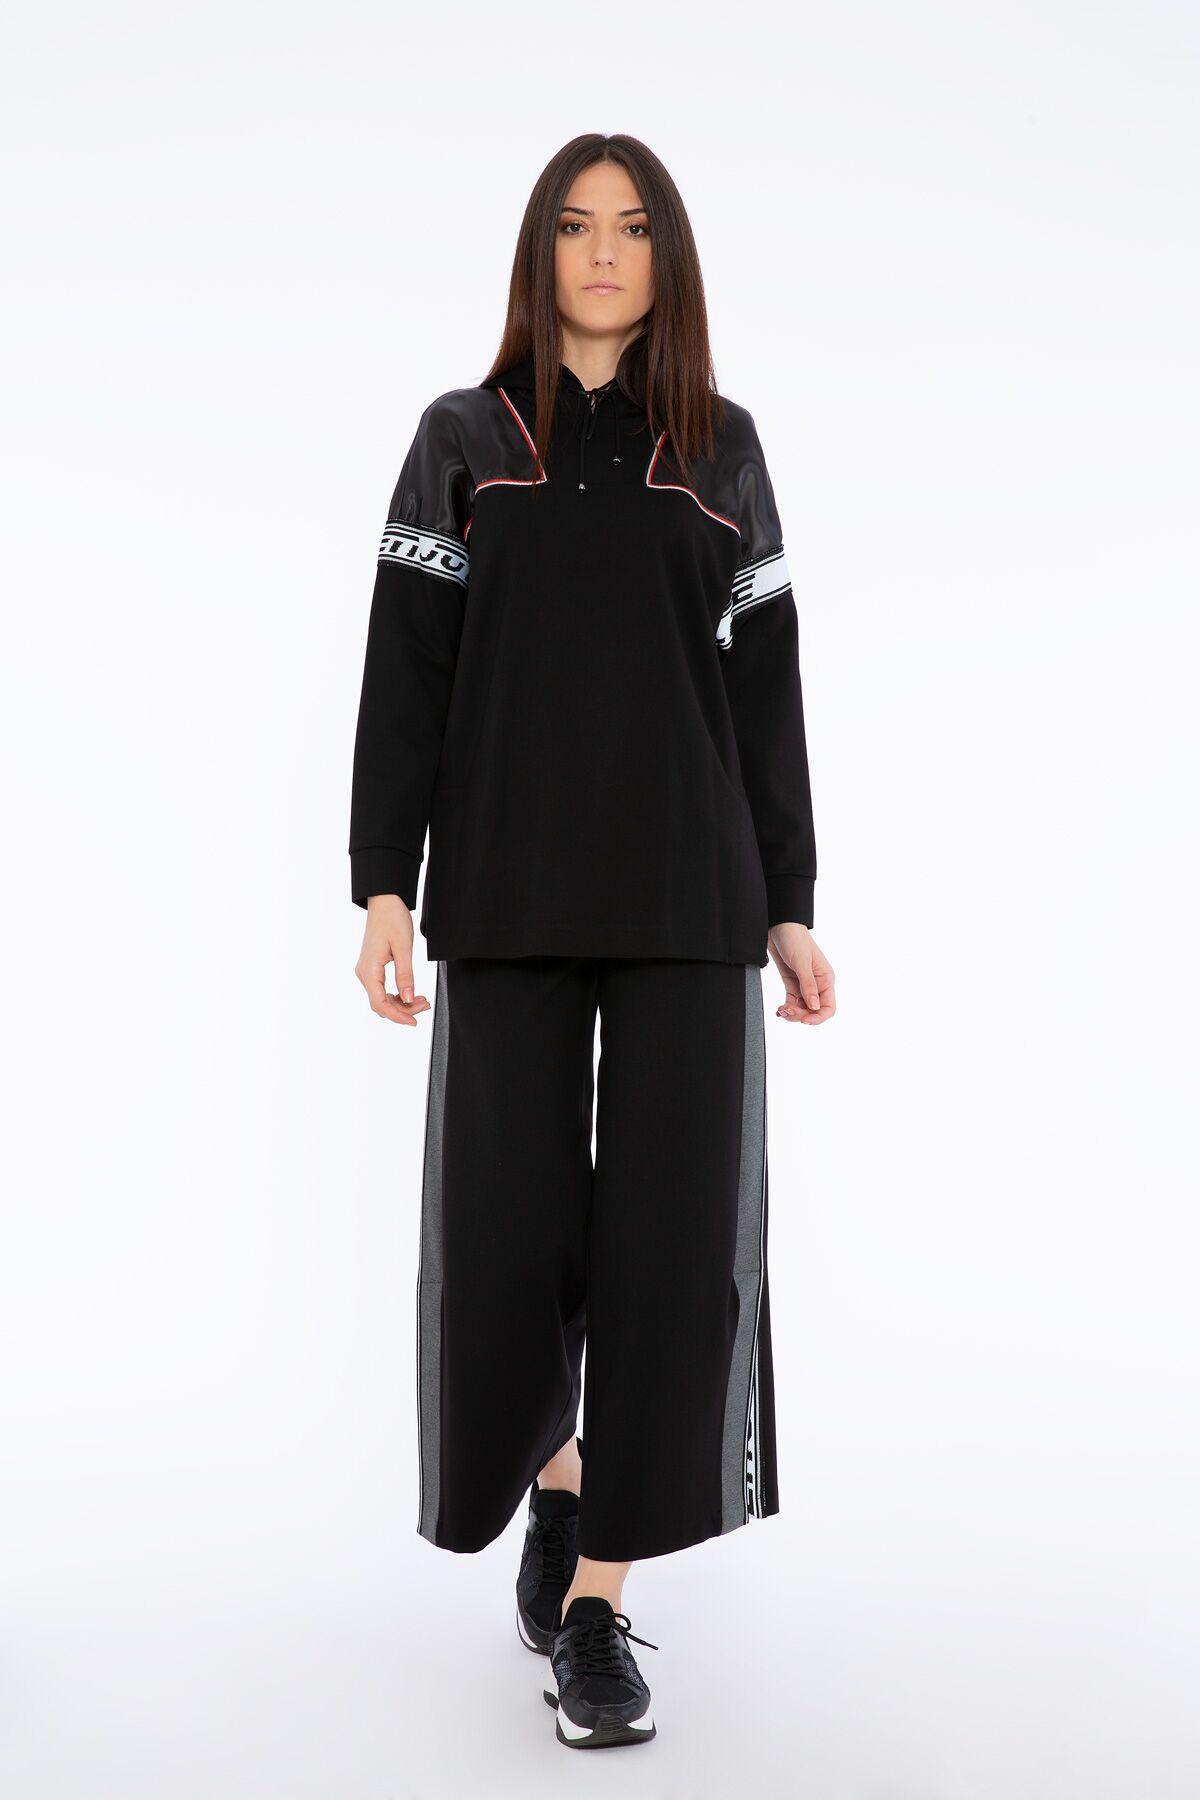 Transparan Omuz ve Şerit Detaylı Siyah Kapüşonlu Sweatshirt